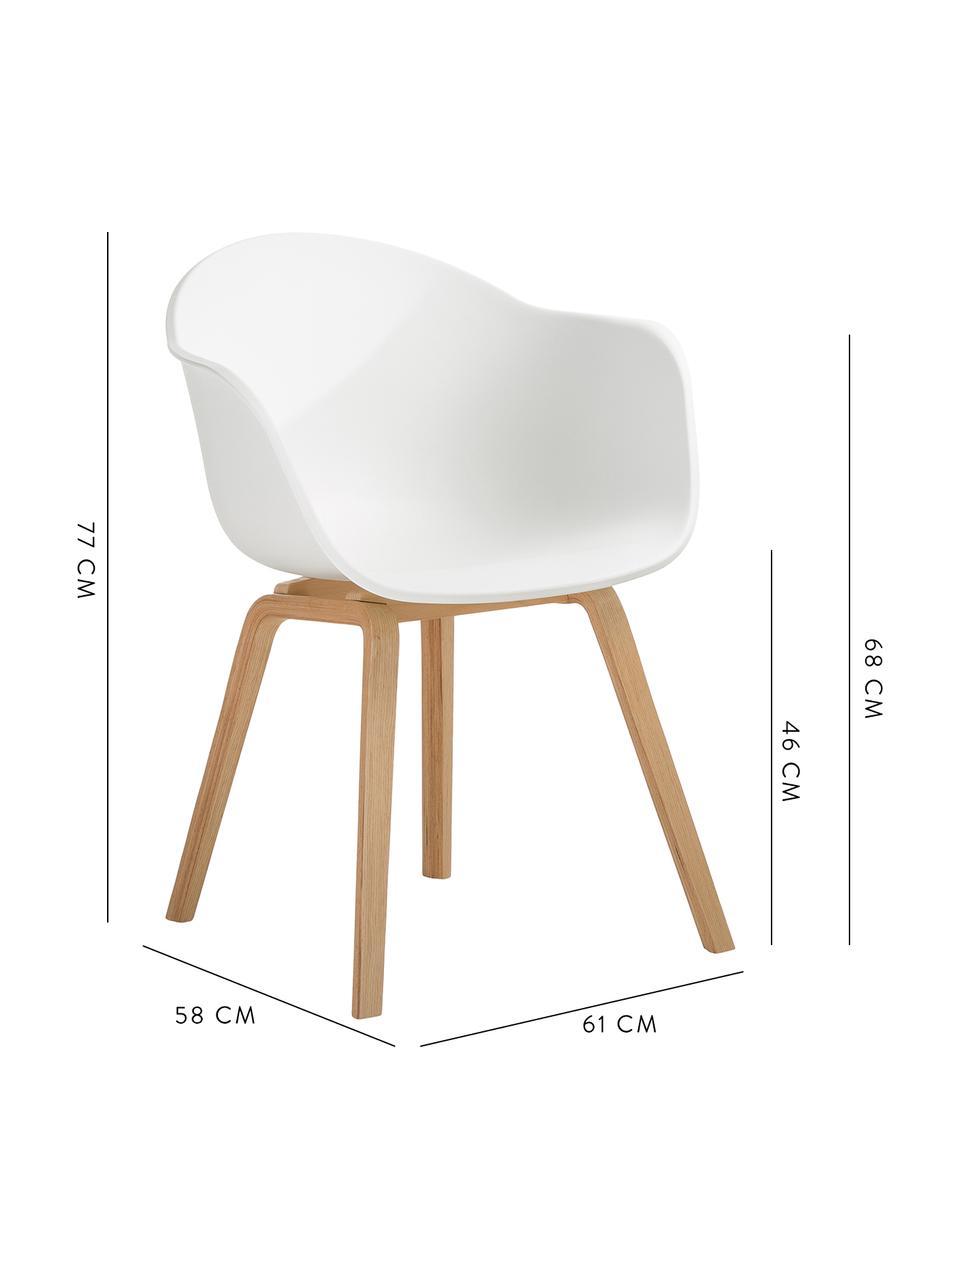 Kunststoff-Armlehnstuhl Claire mit Holzbeinen, Sitzschale: Kunststoff, Beine: Buchenholz, Kunststoff Weiss, B 60 x T 54 cm